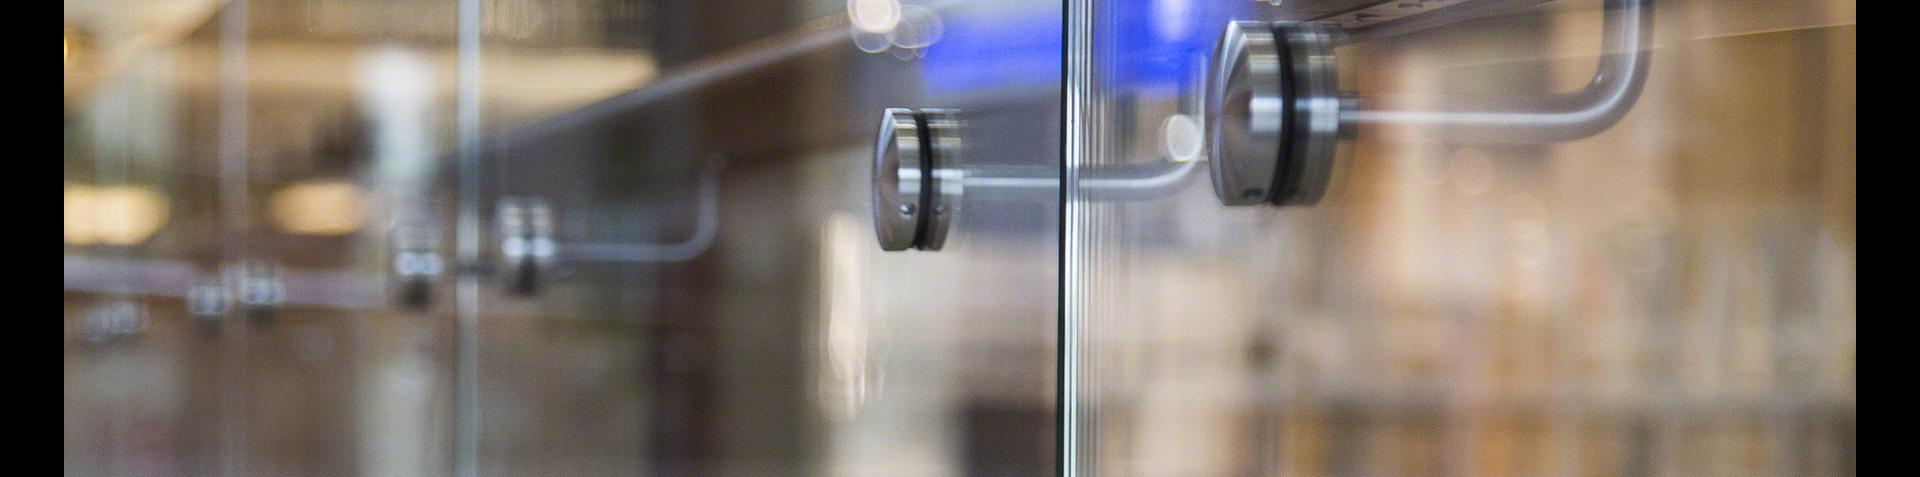 glaskoning-glas-balustrade-qrailing